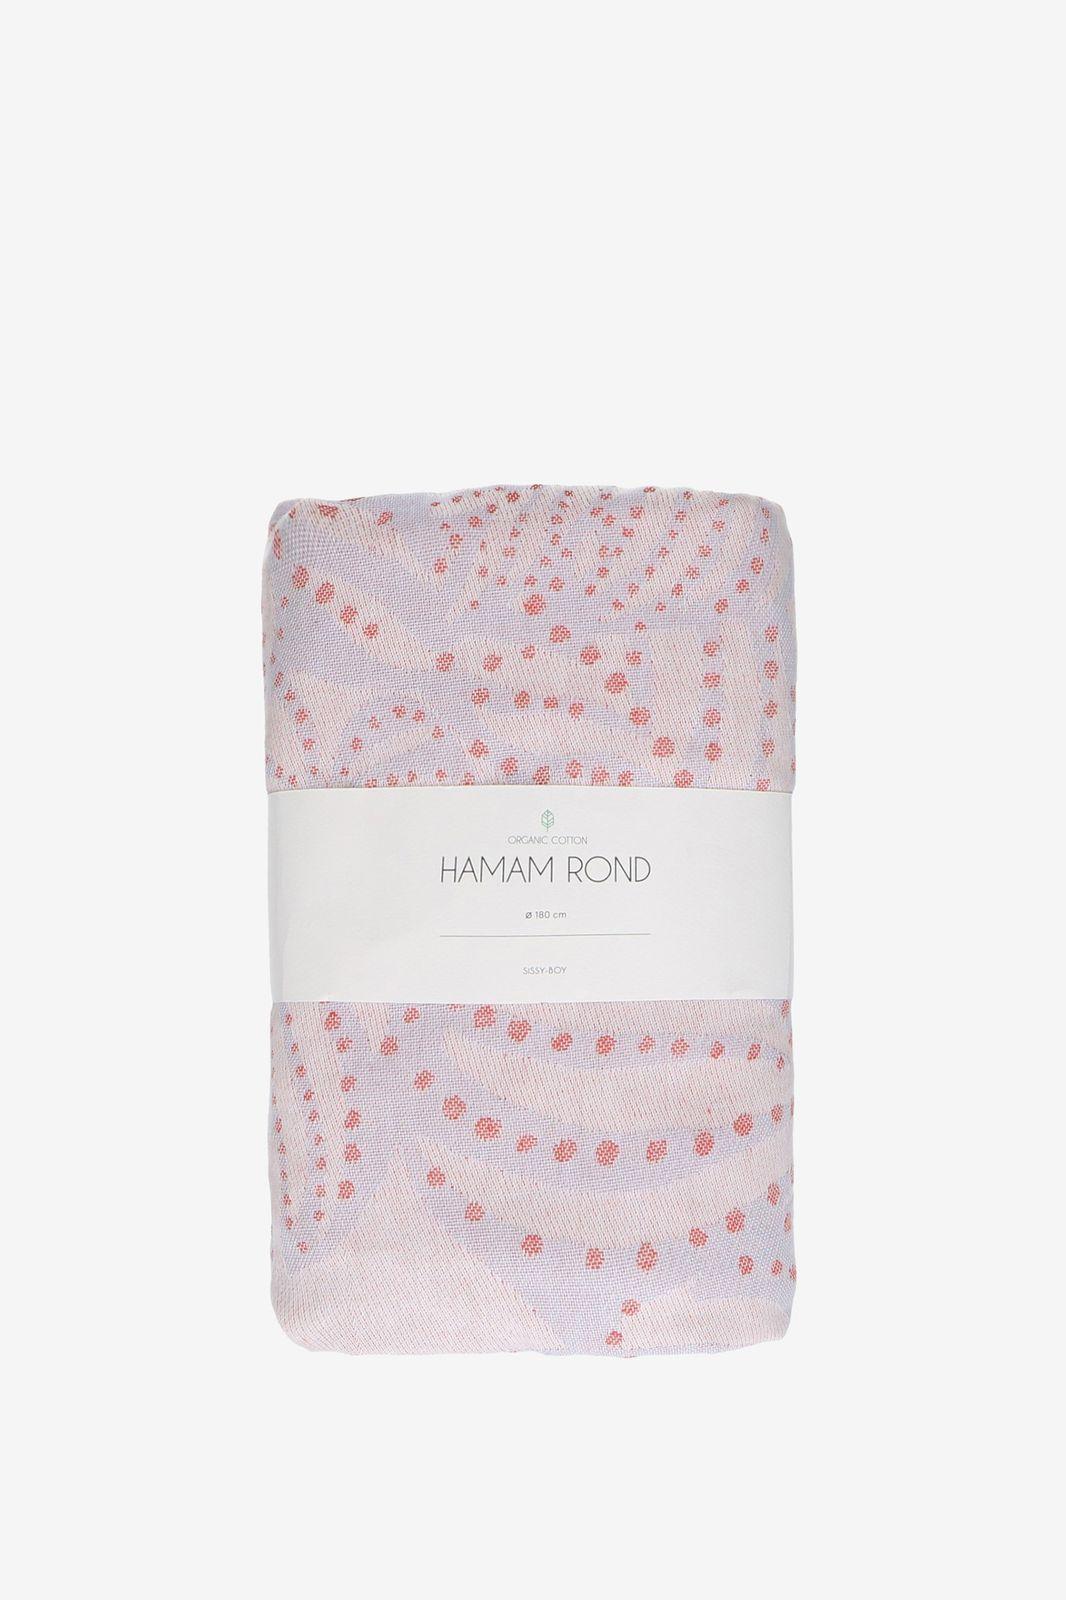 Blauw met roze hamamdoek in ronde vorm